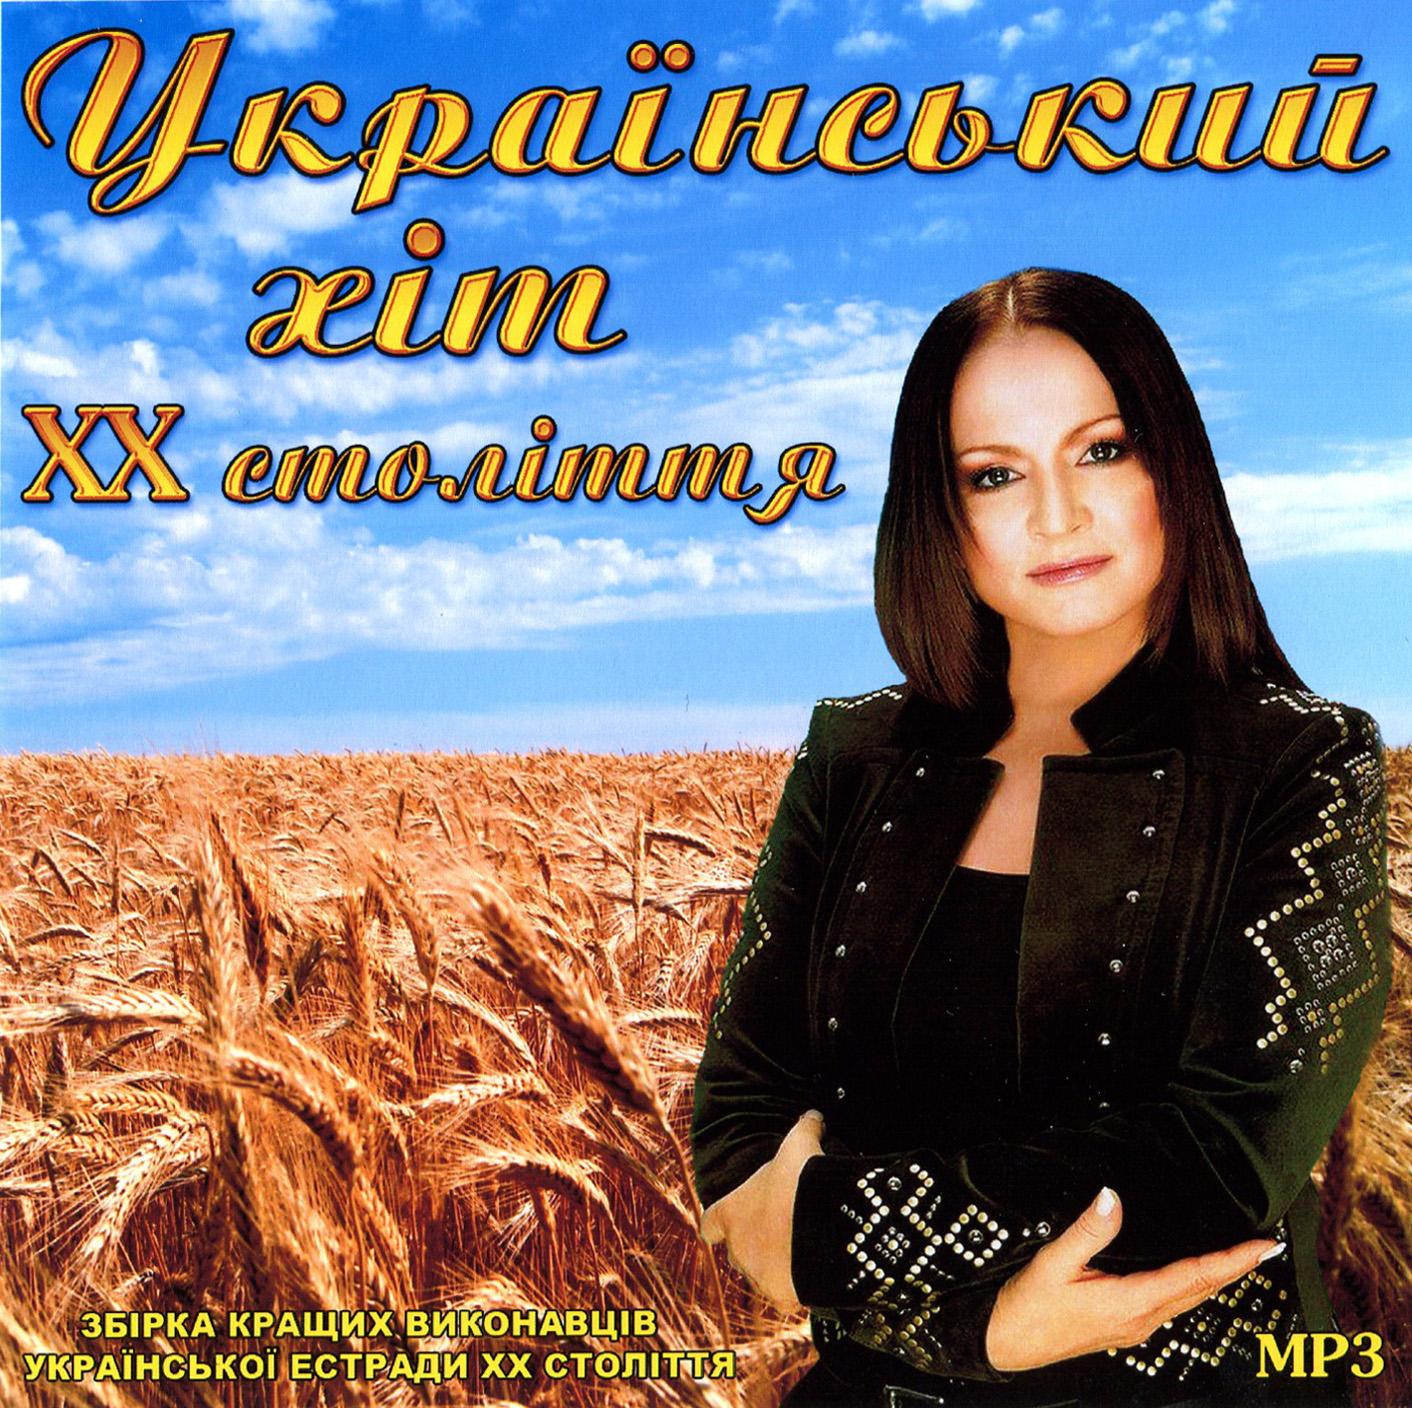 Український хіт ХХ століття [mp3]